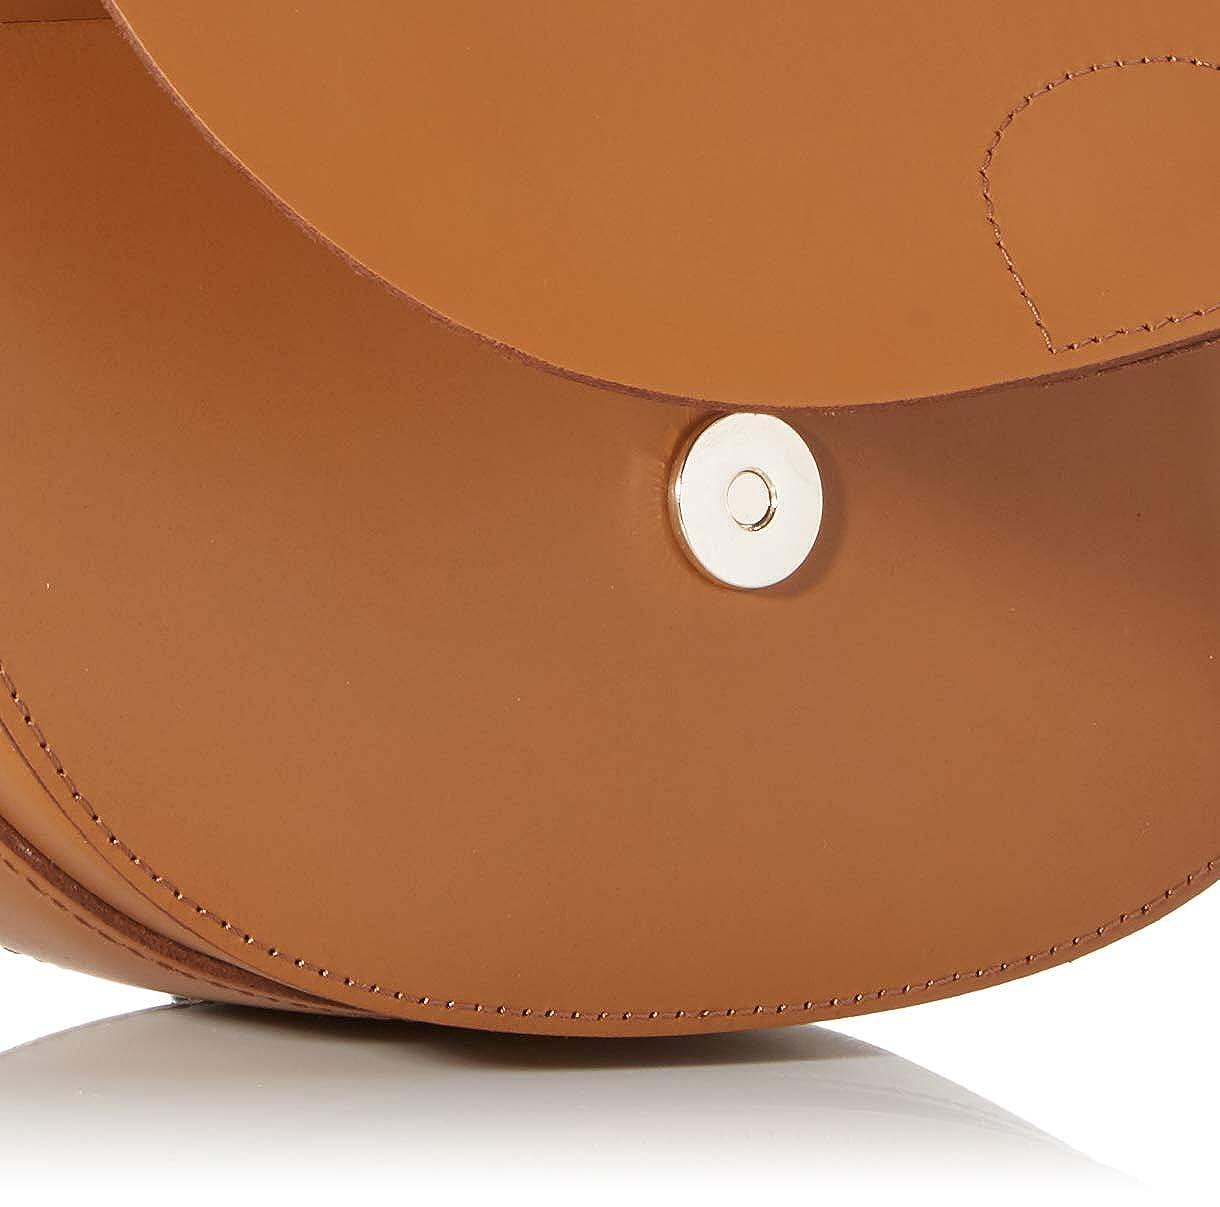 PIECES pchilal leather cross body borse a tracolla donna, marrone (cognac), 3x16, 5x20, 5 cm (b x h t)